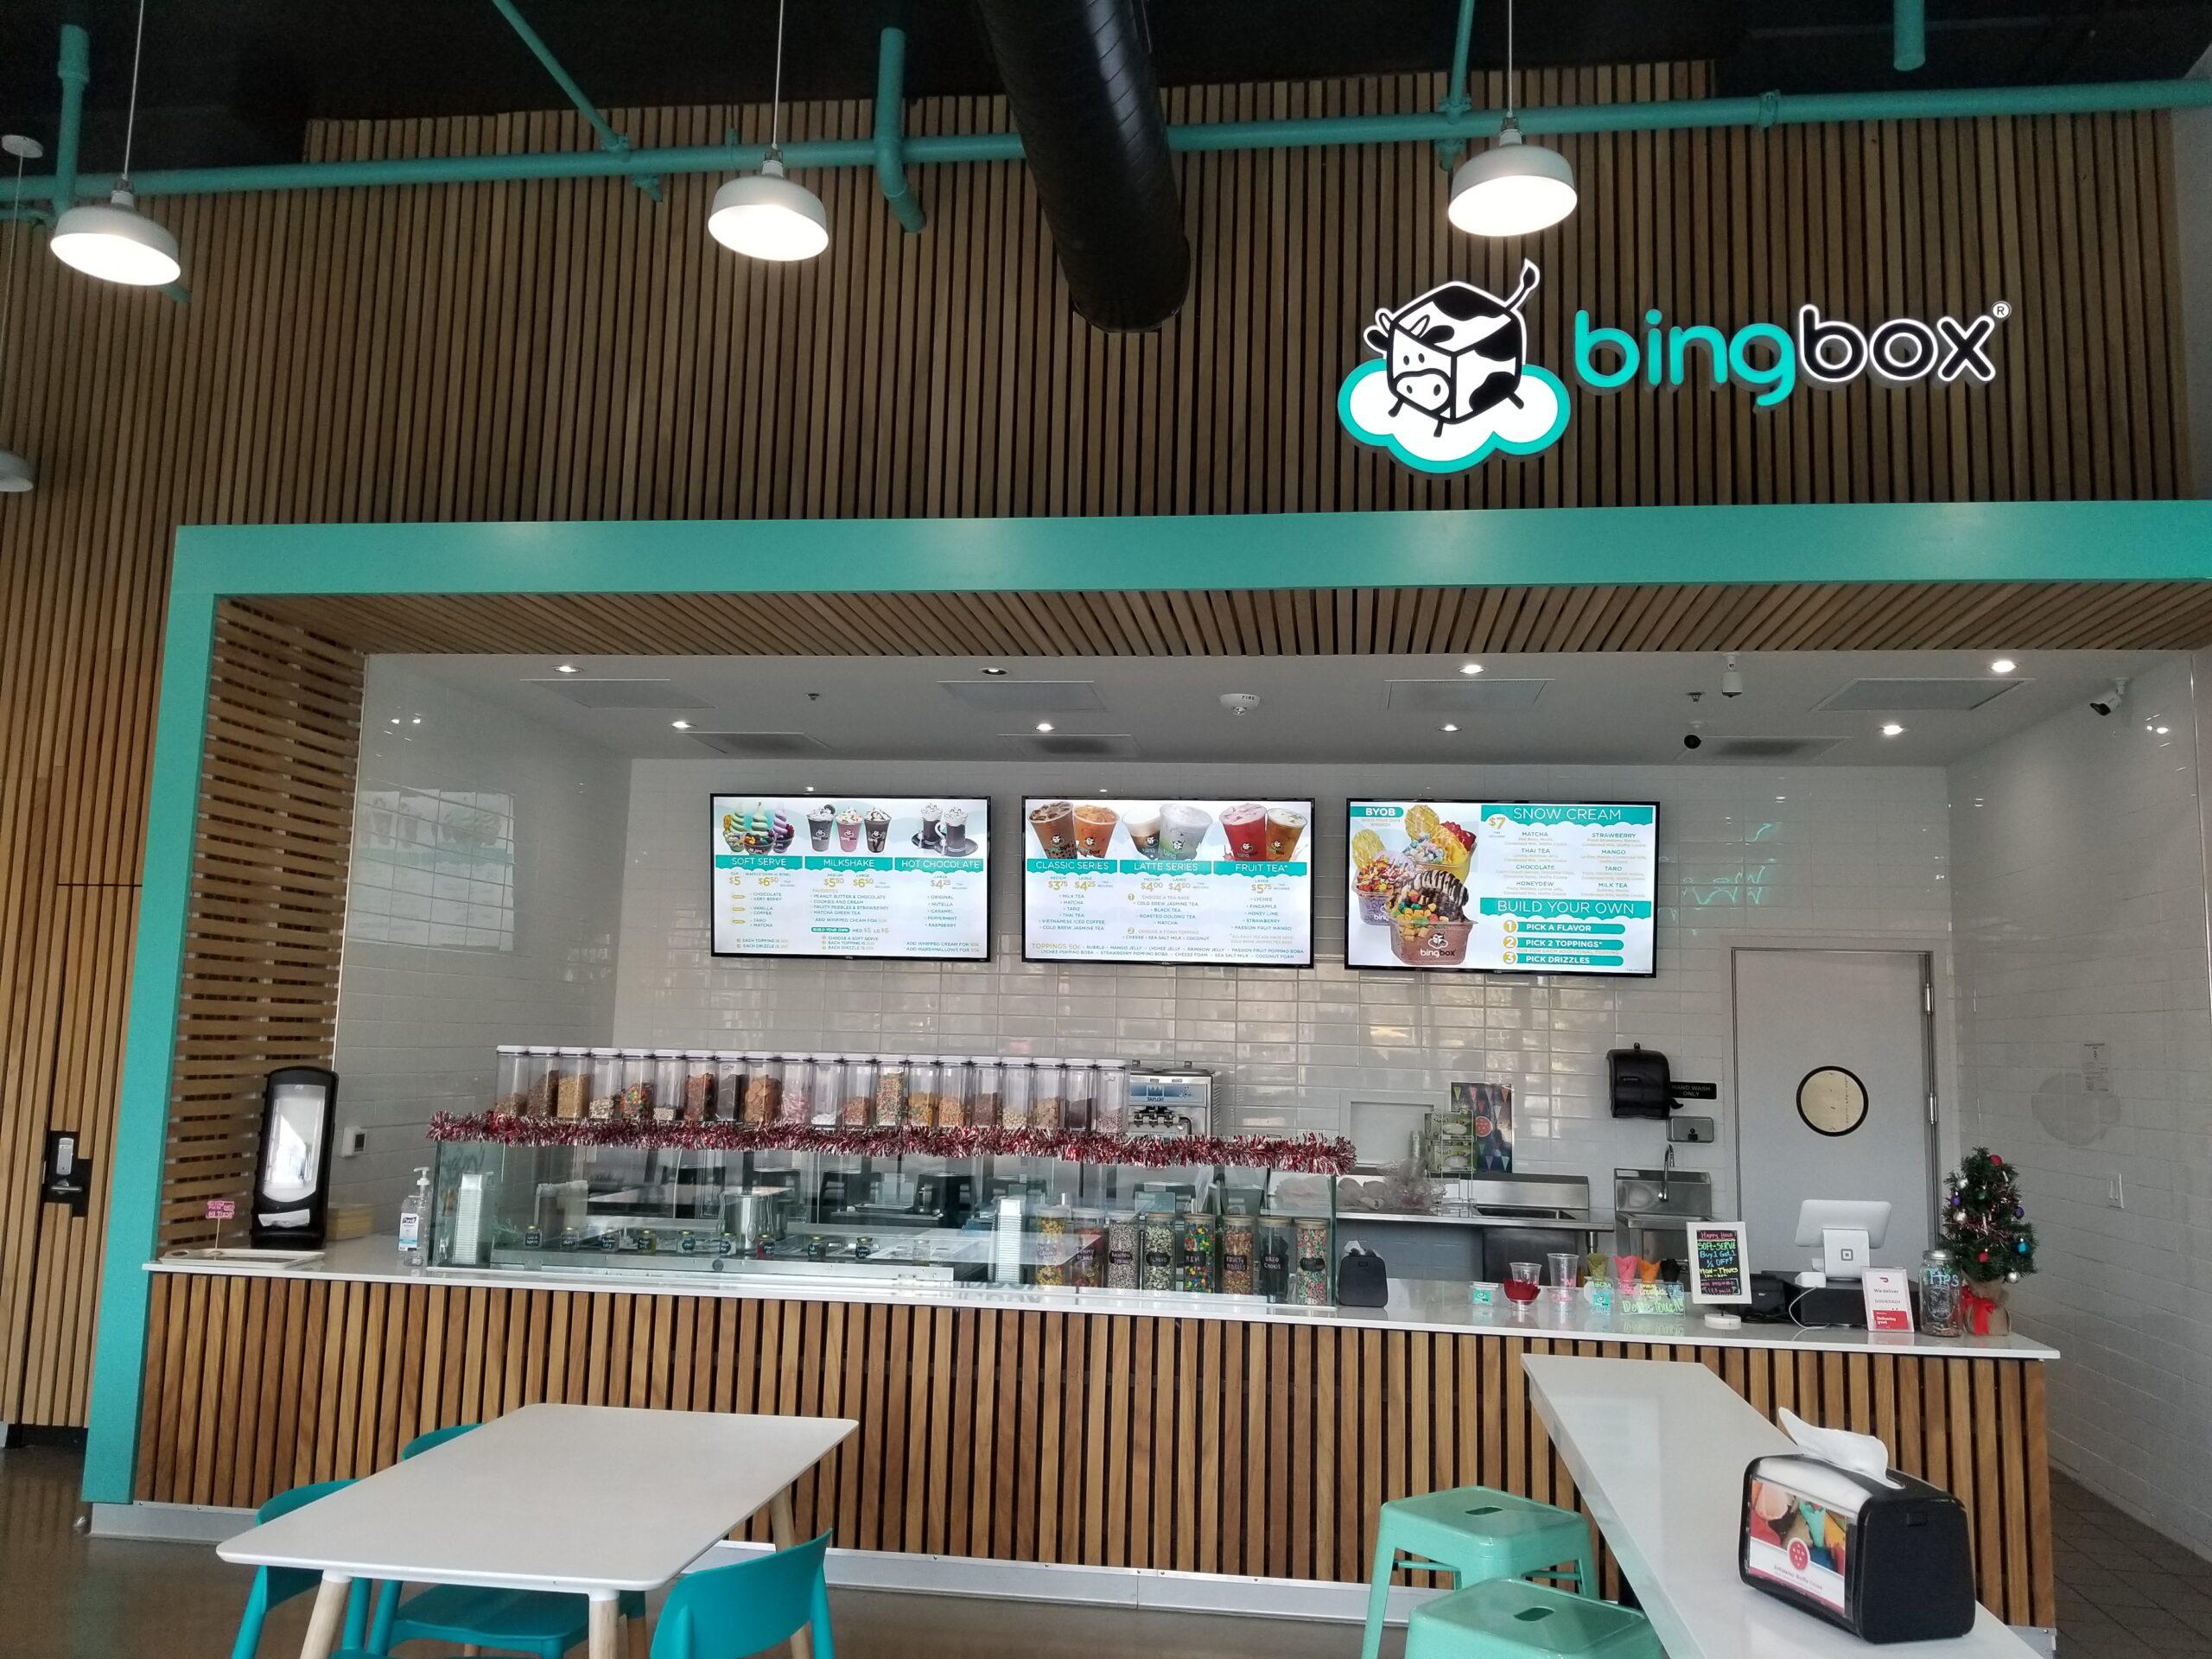 Bingbox 3